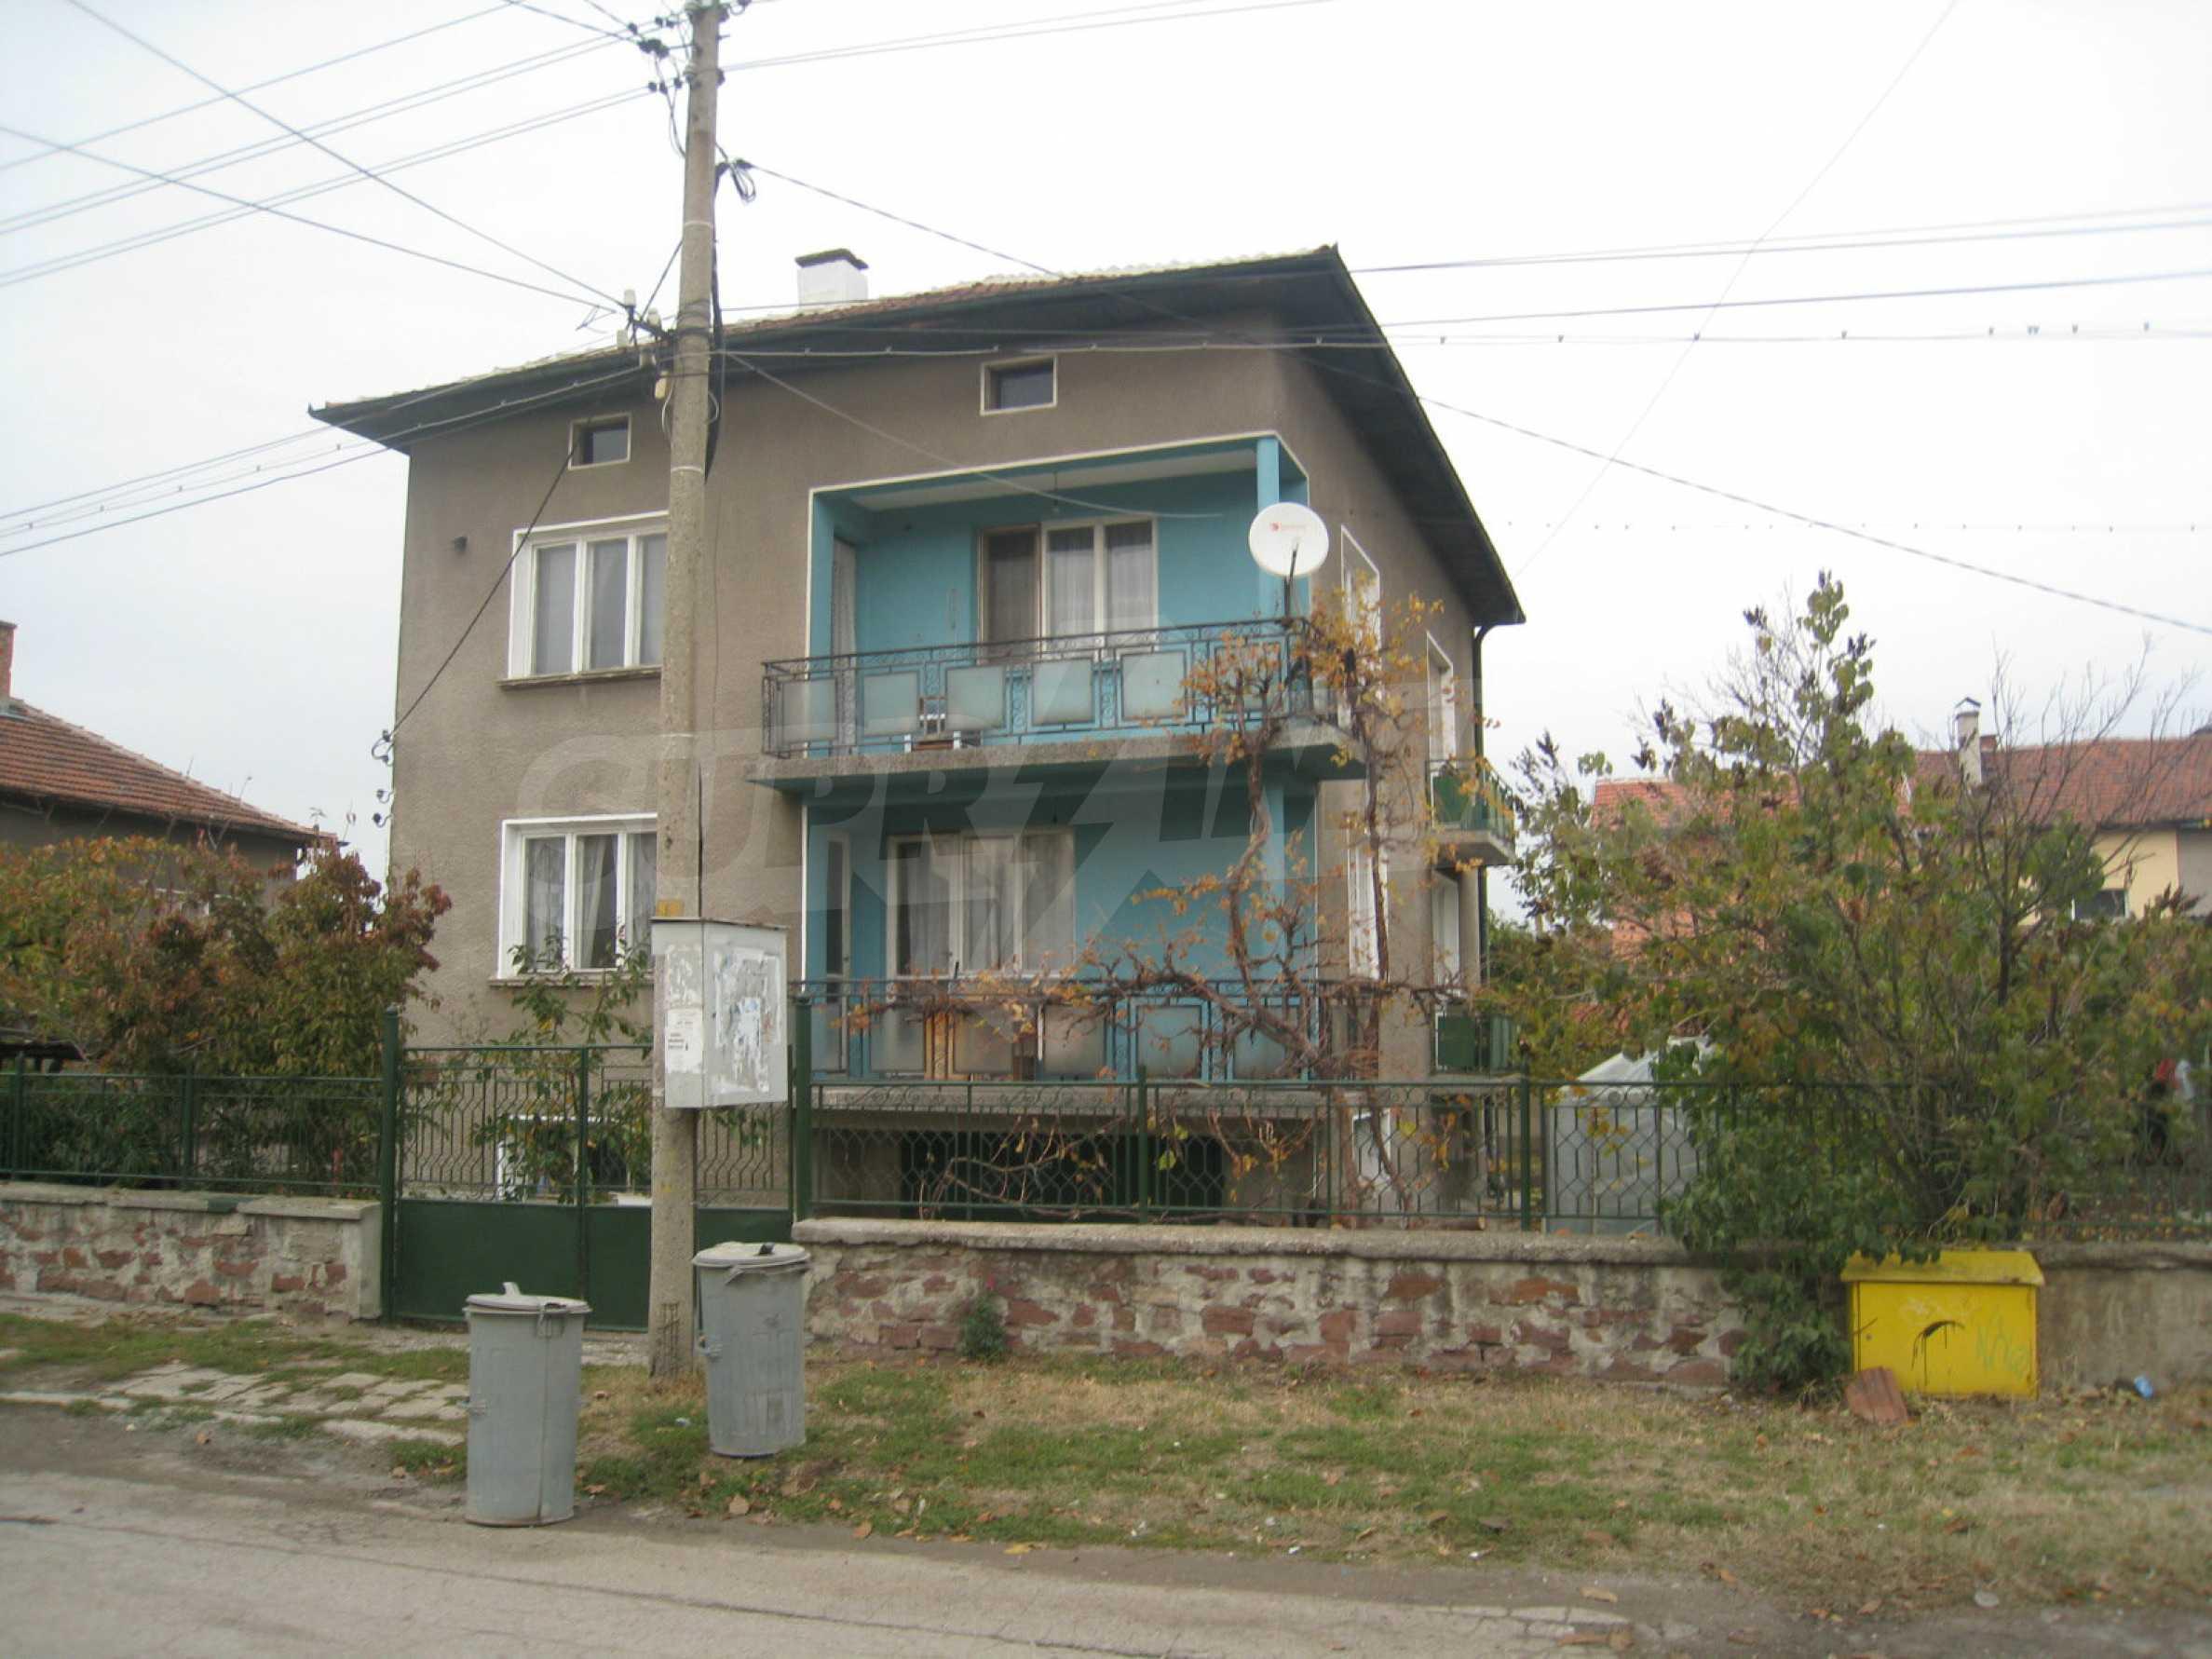 Großes zweistöckiges Haus mit Hof in einem Dorf in der Nähe von Sofia